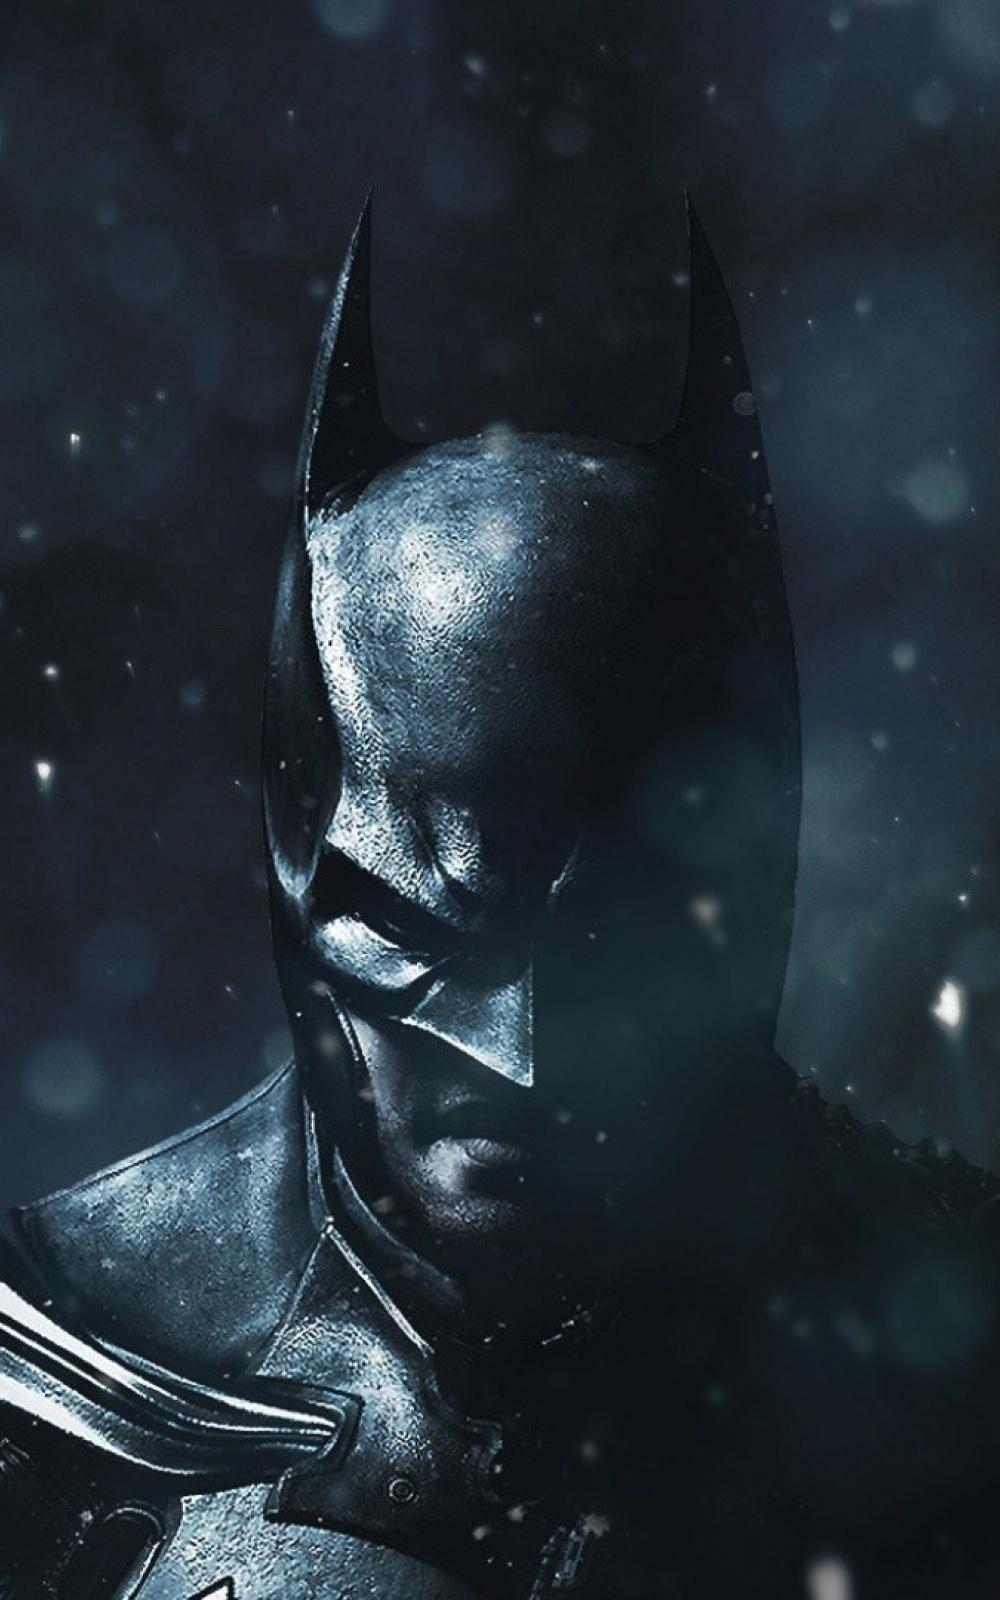 Batman Wallpaper Android